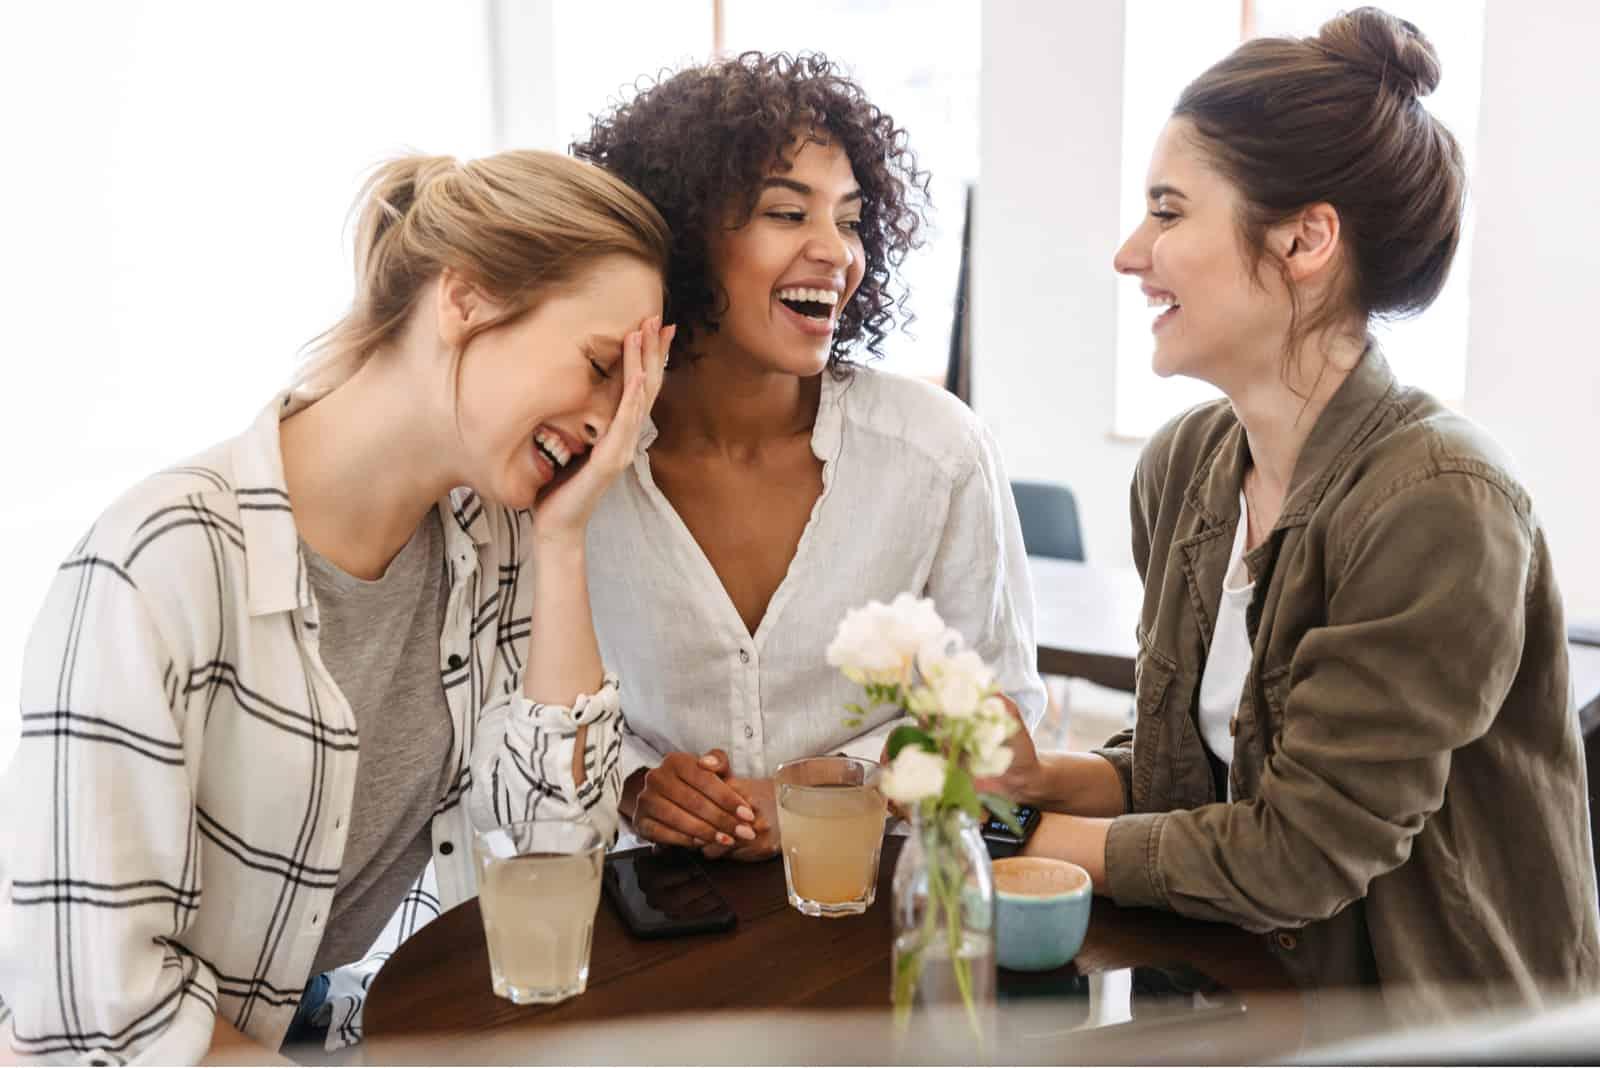 trois amis s'assoient et rient